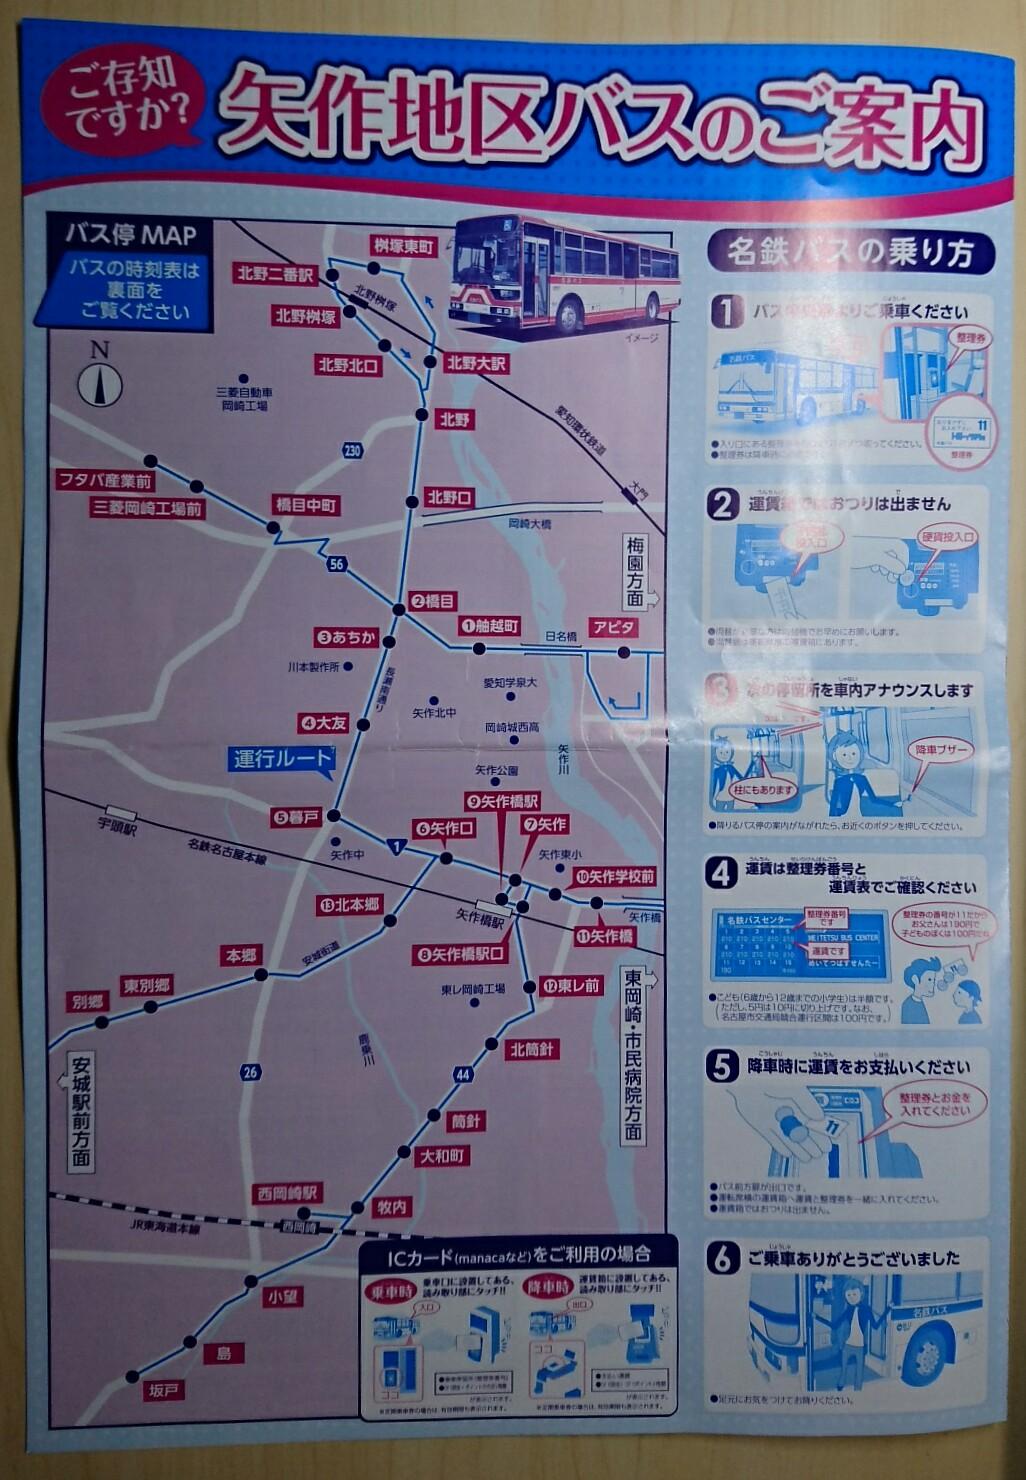 矢作地区バスのご案内(2015.10.1現在) 1026-1480